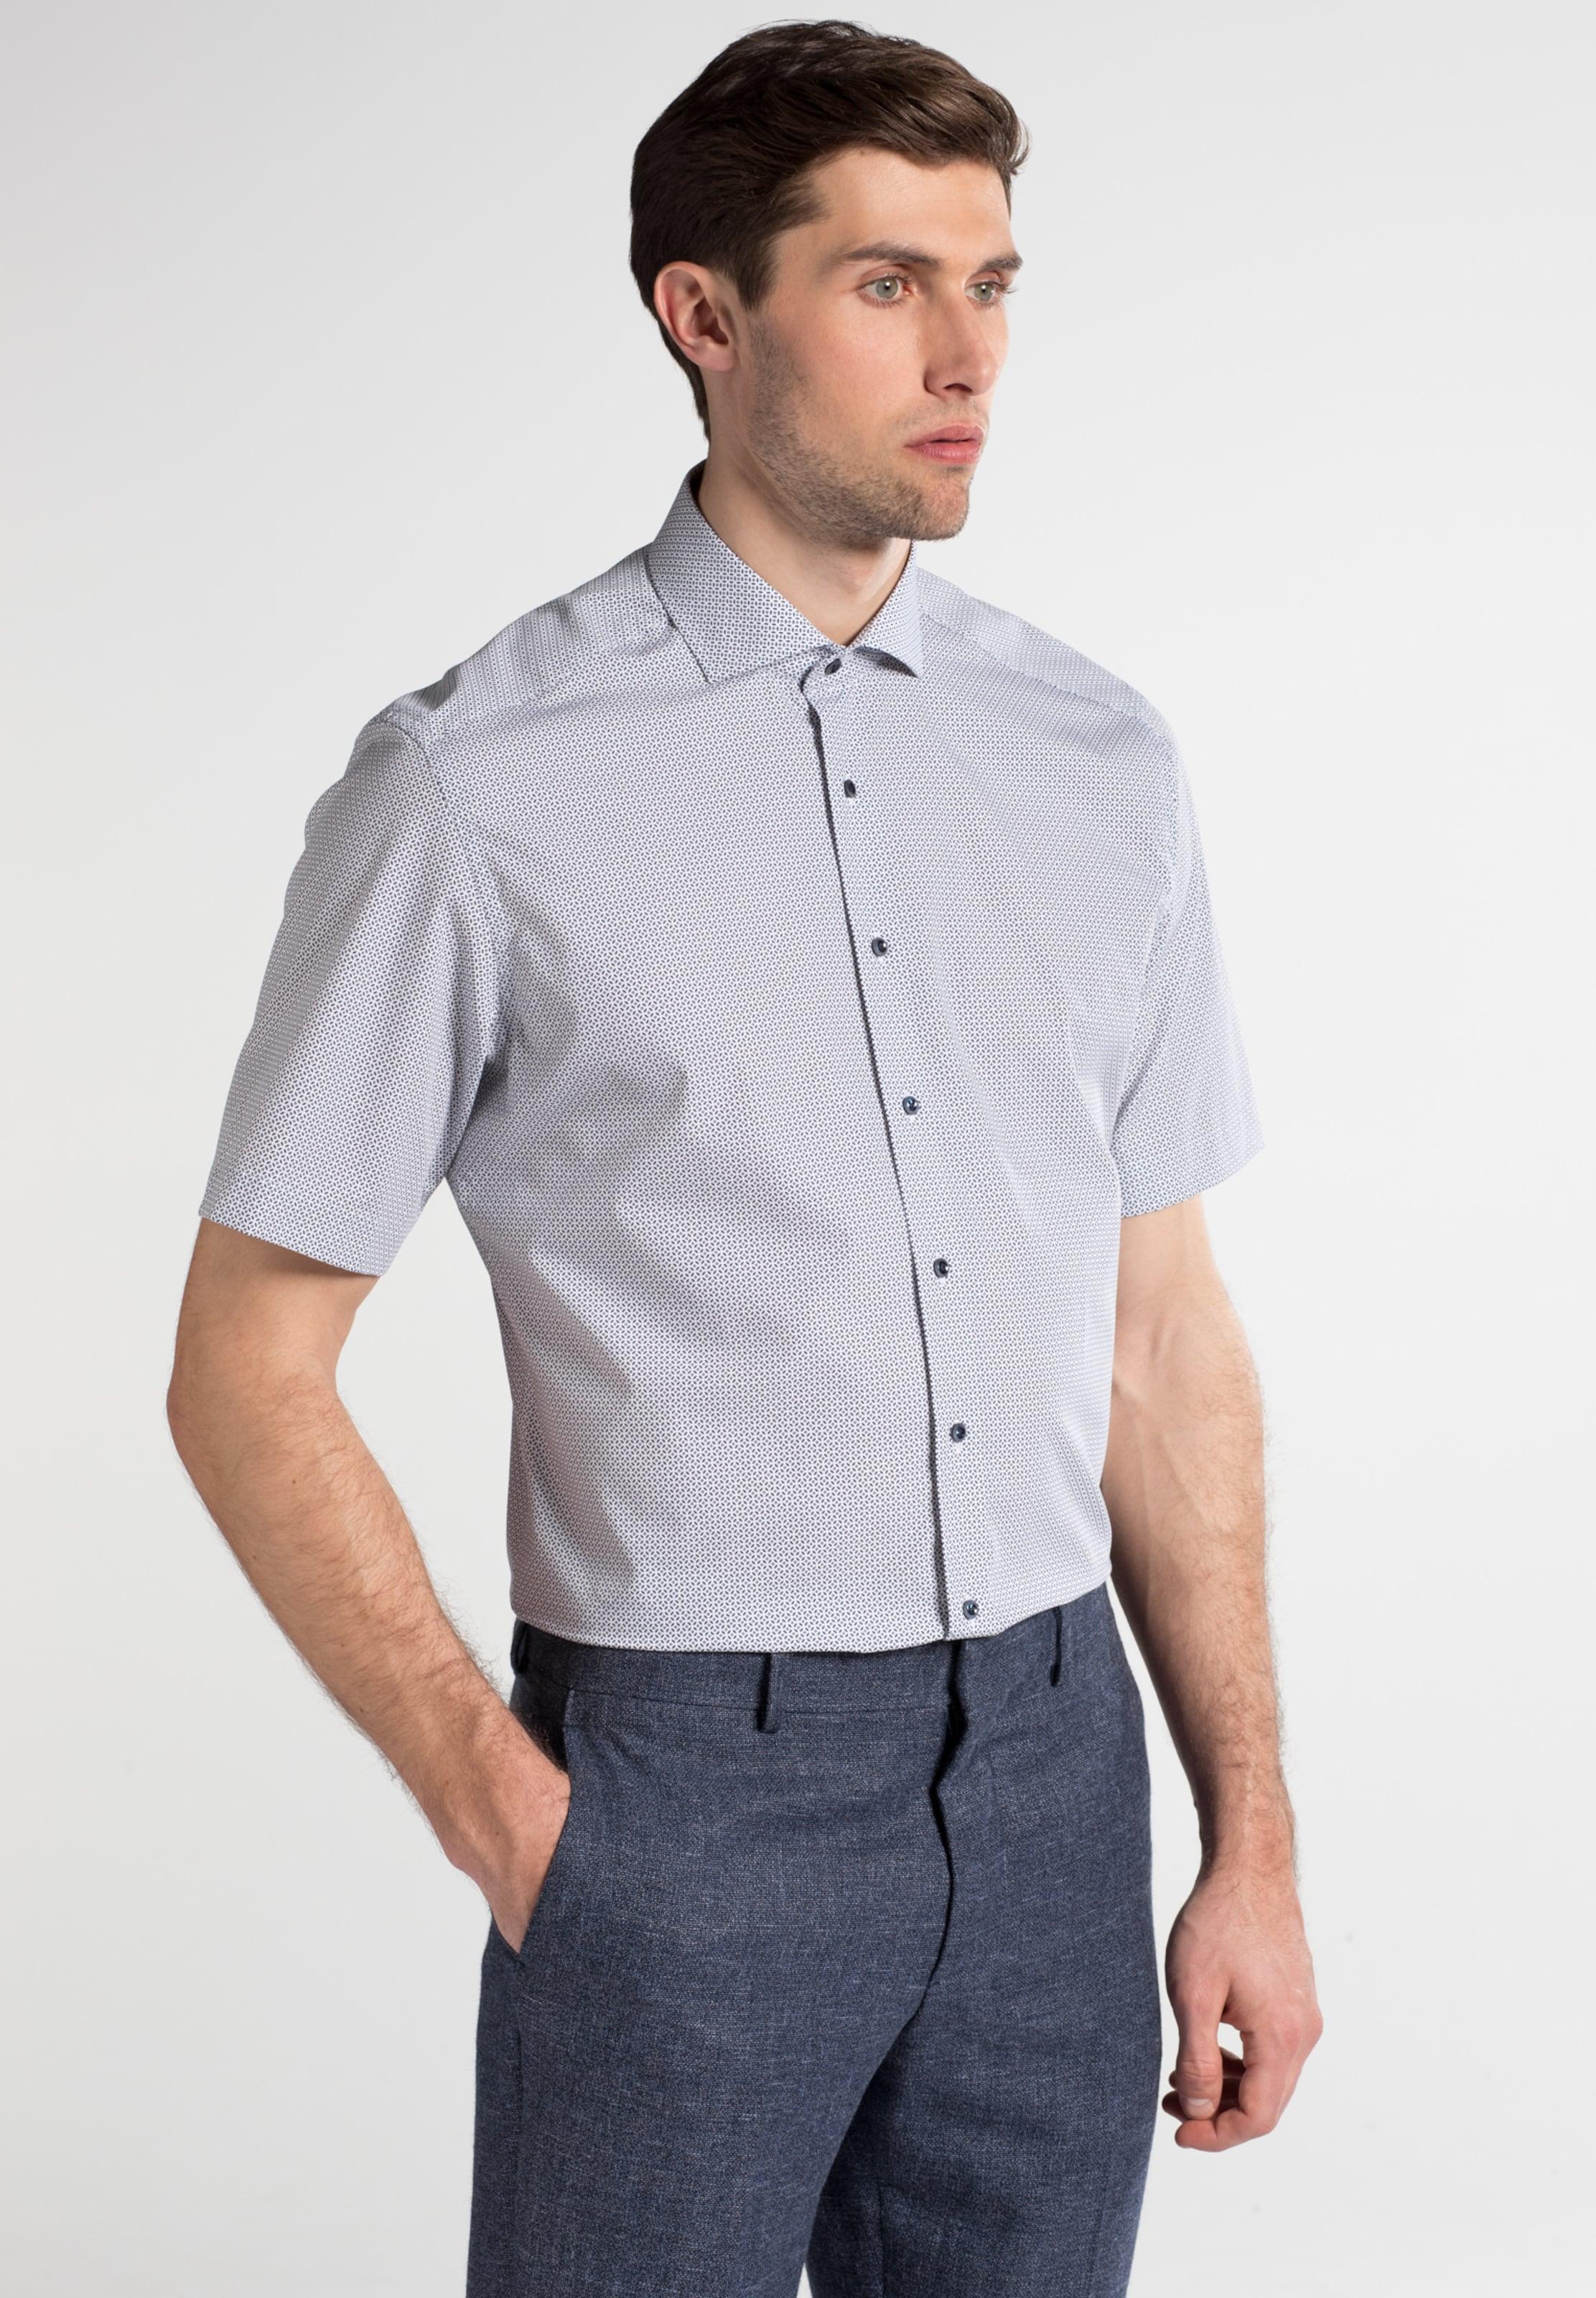 In BlauHellbraun Hemd Eterna Hemd In BlauHellbraun Eterna Hemd Eterna Weiß Weiß QhsCrdtx